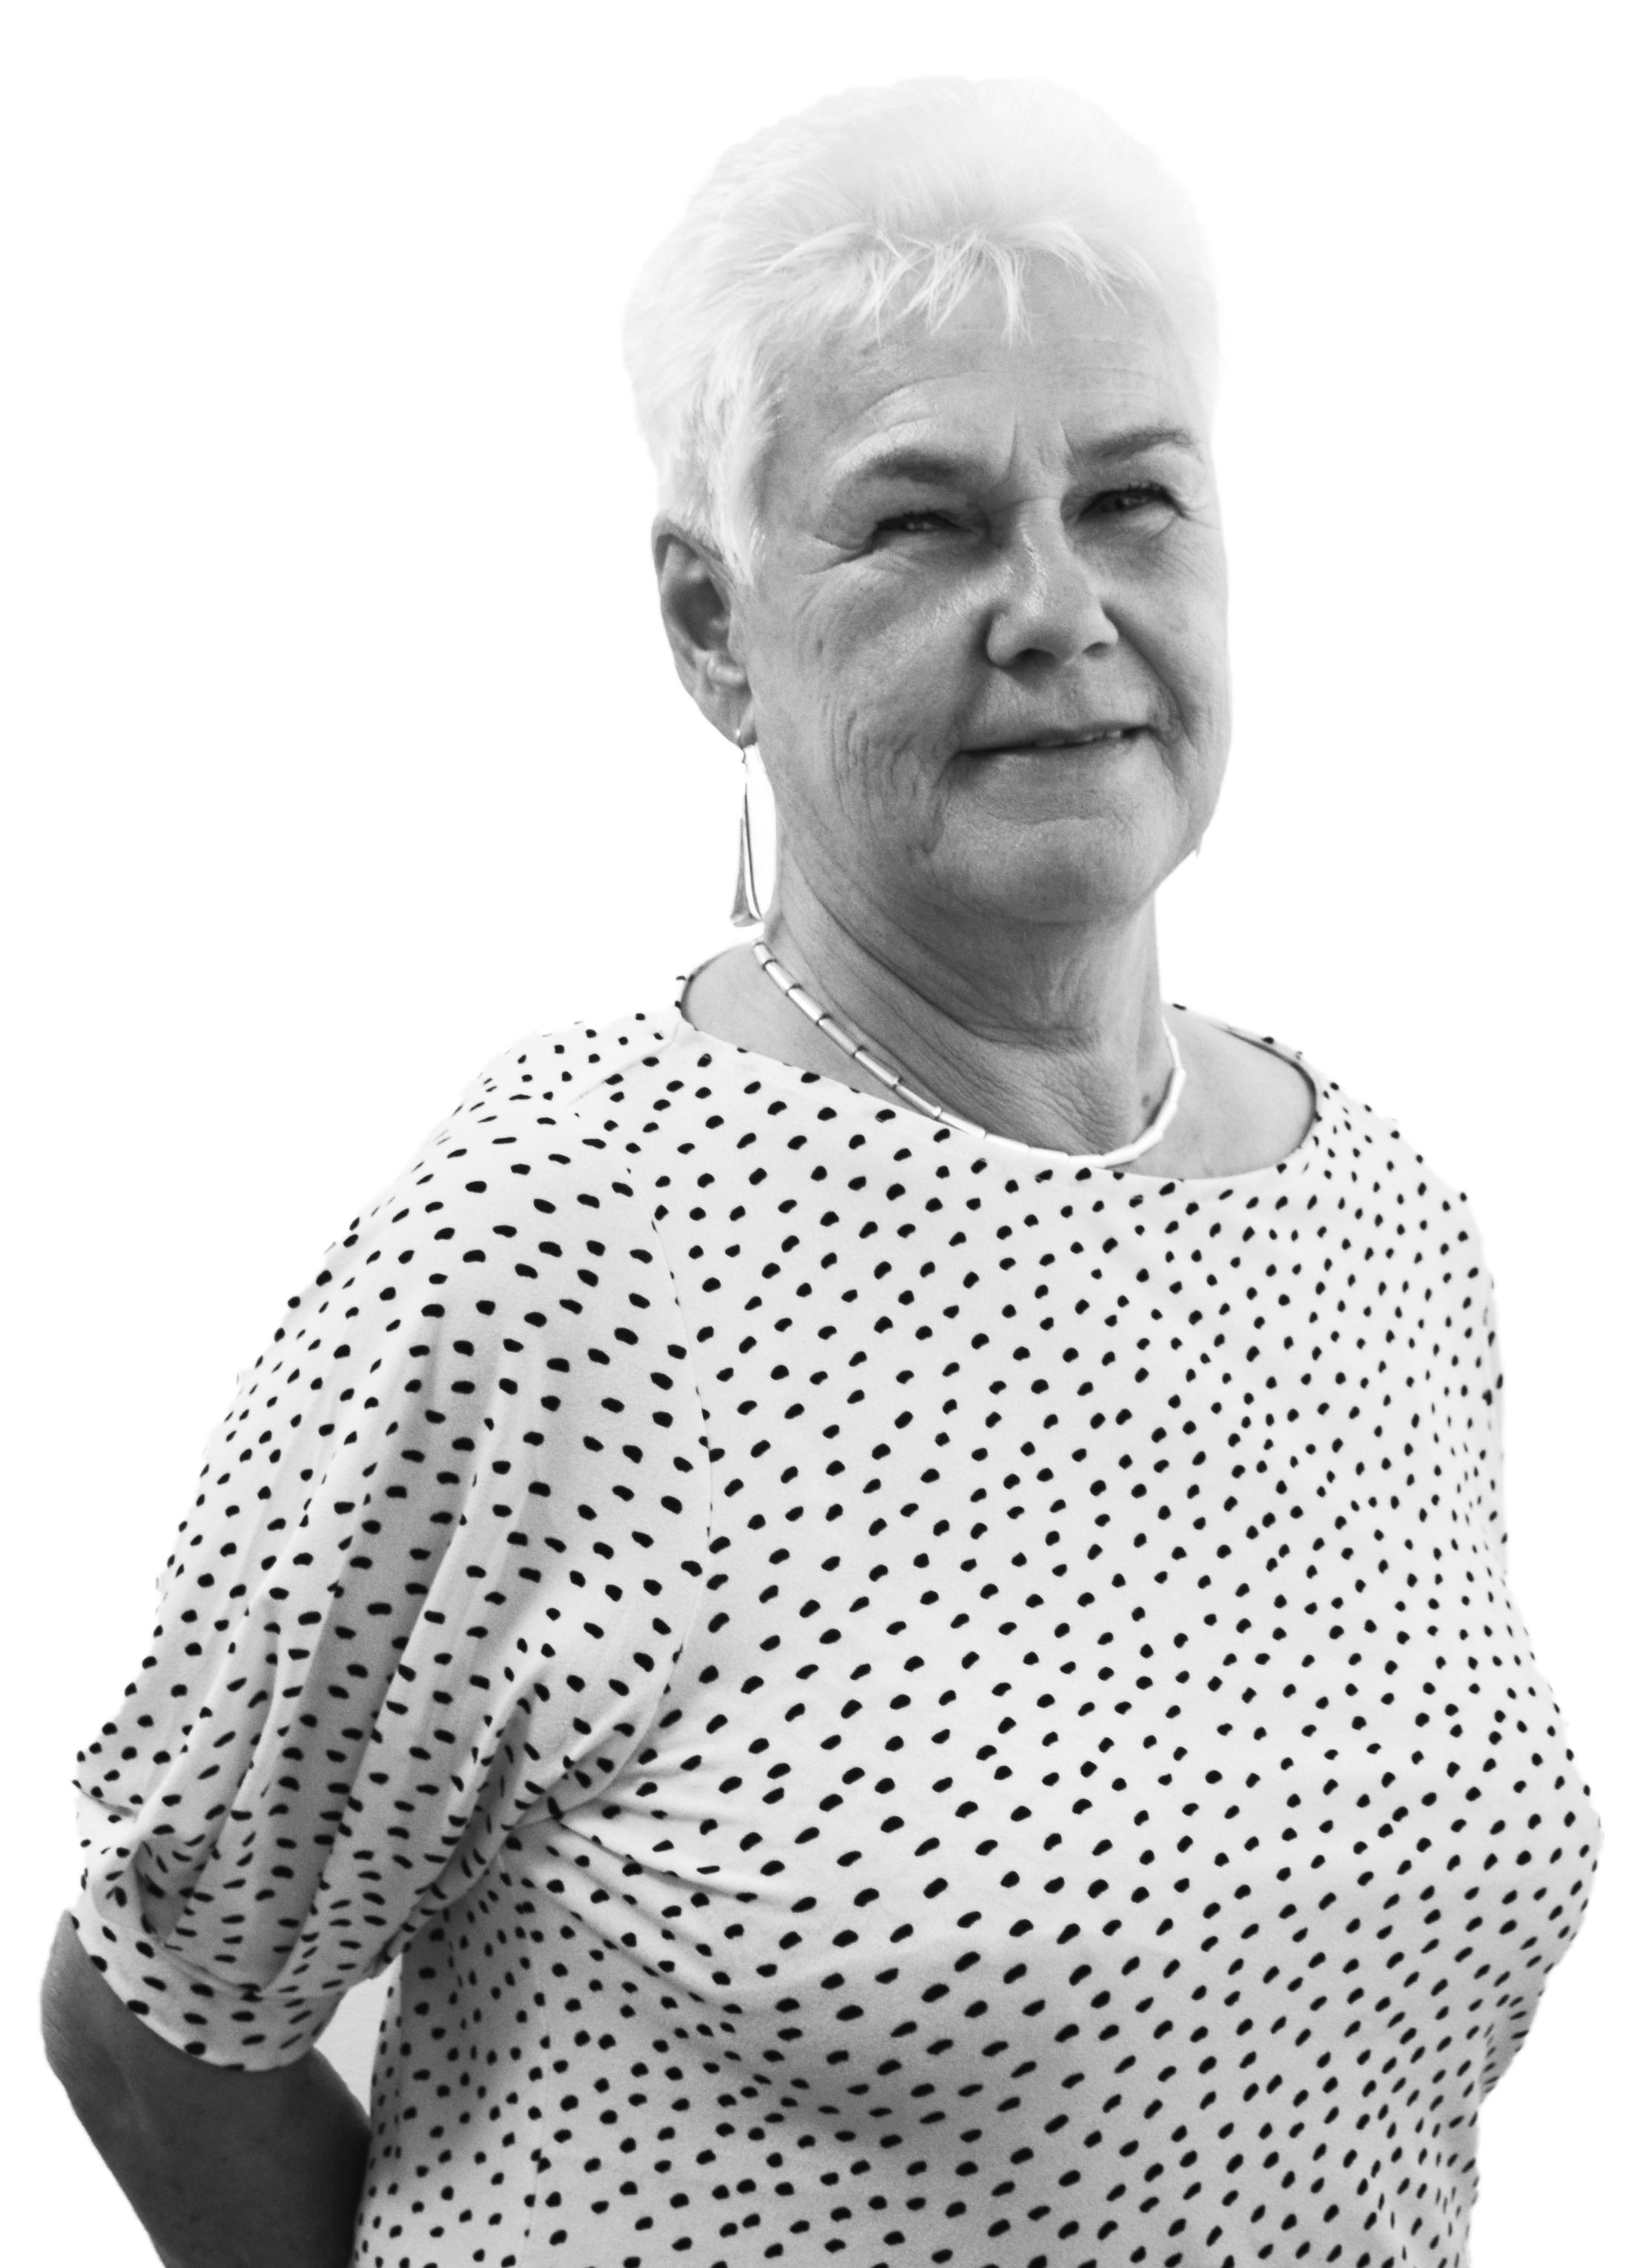 { first: 'Margit ', last: 'Tjärnström' }, Försäkringskonsult